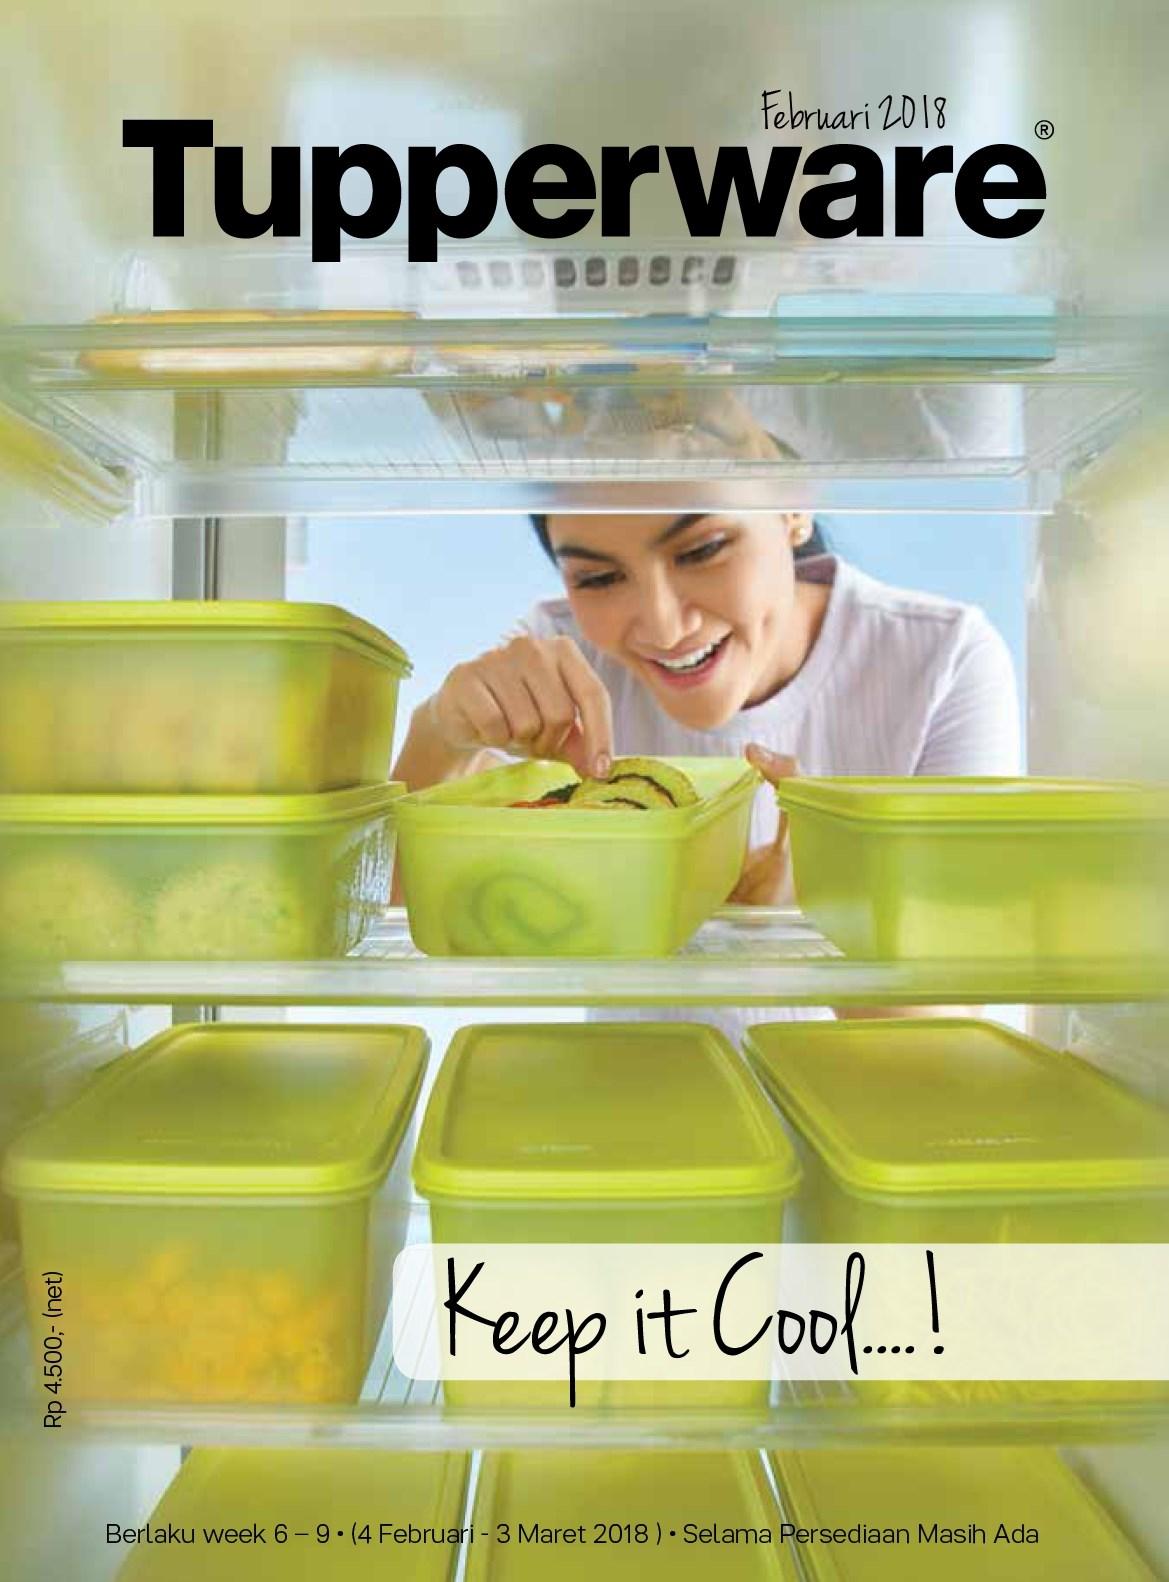 Tupperware coupons 2018